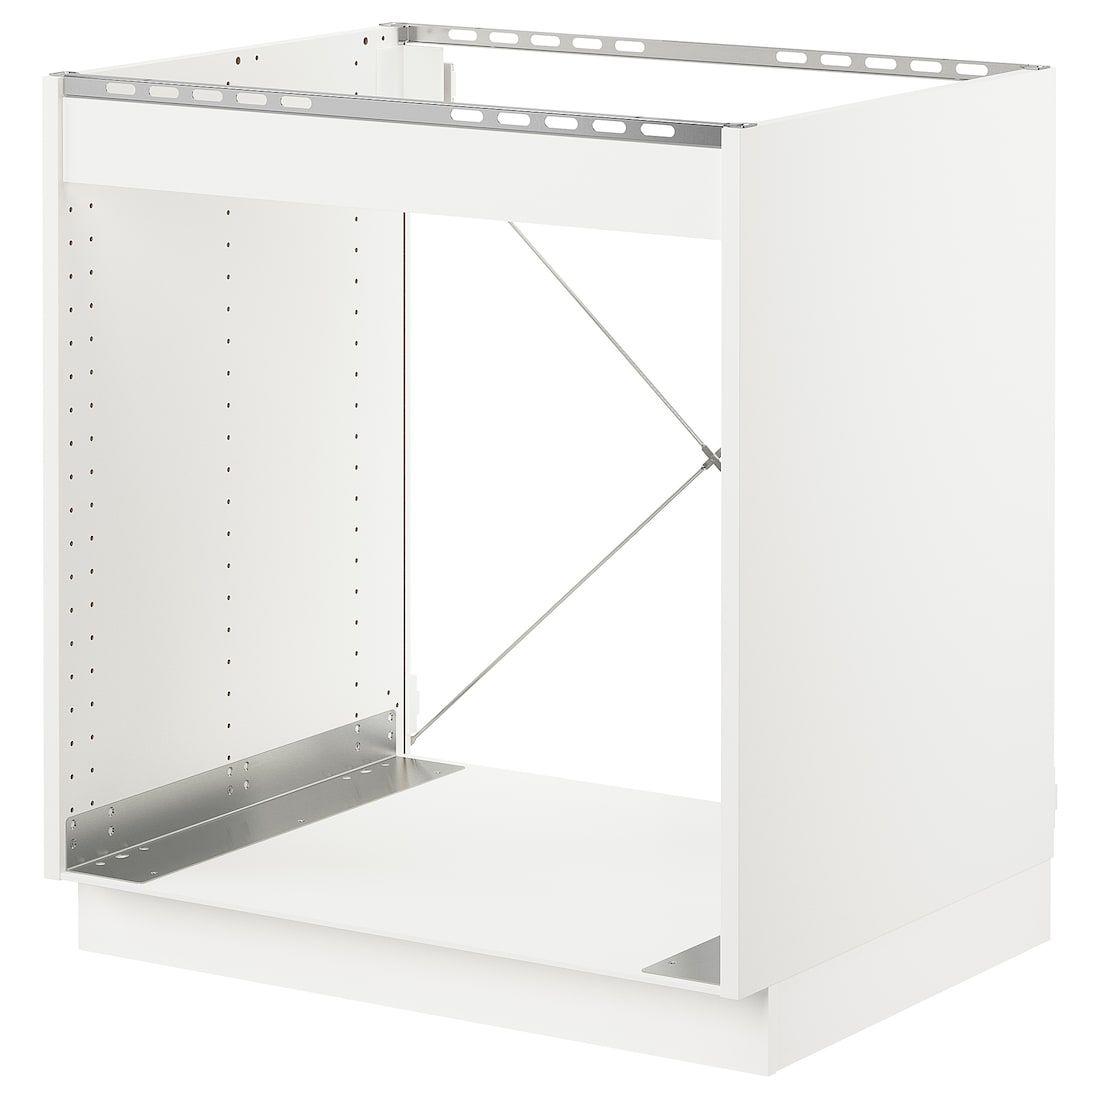 Best Sektion Base Cabinet For Oven White Axstad Matt White 400 x 300